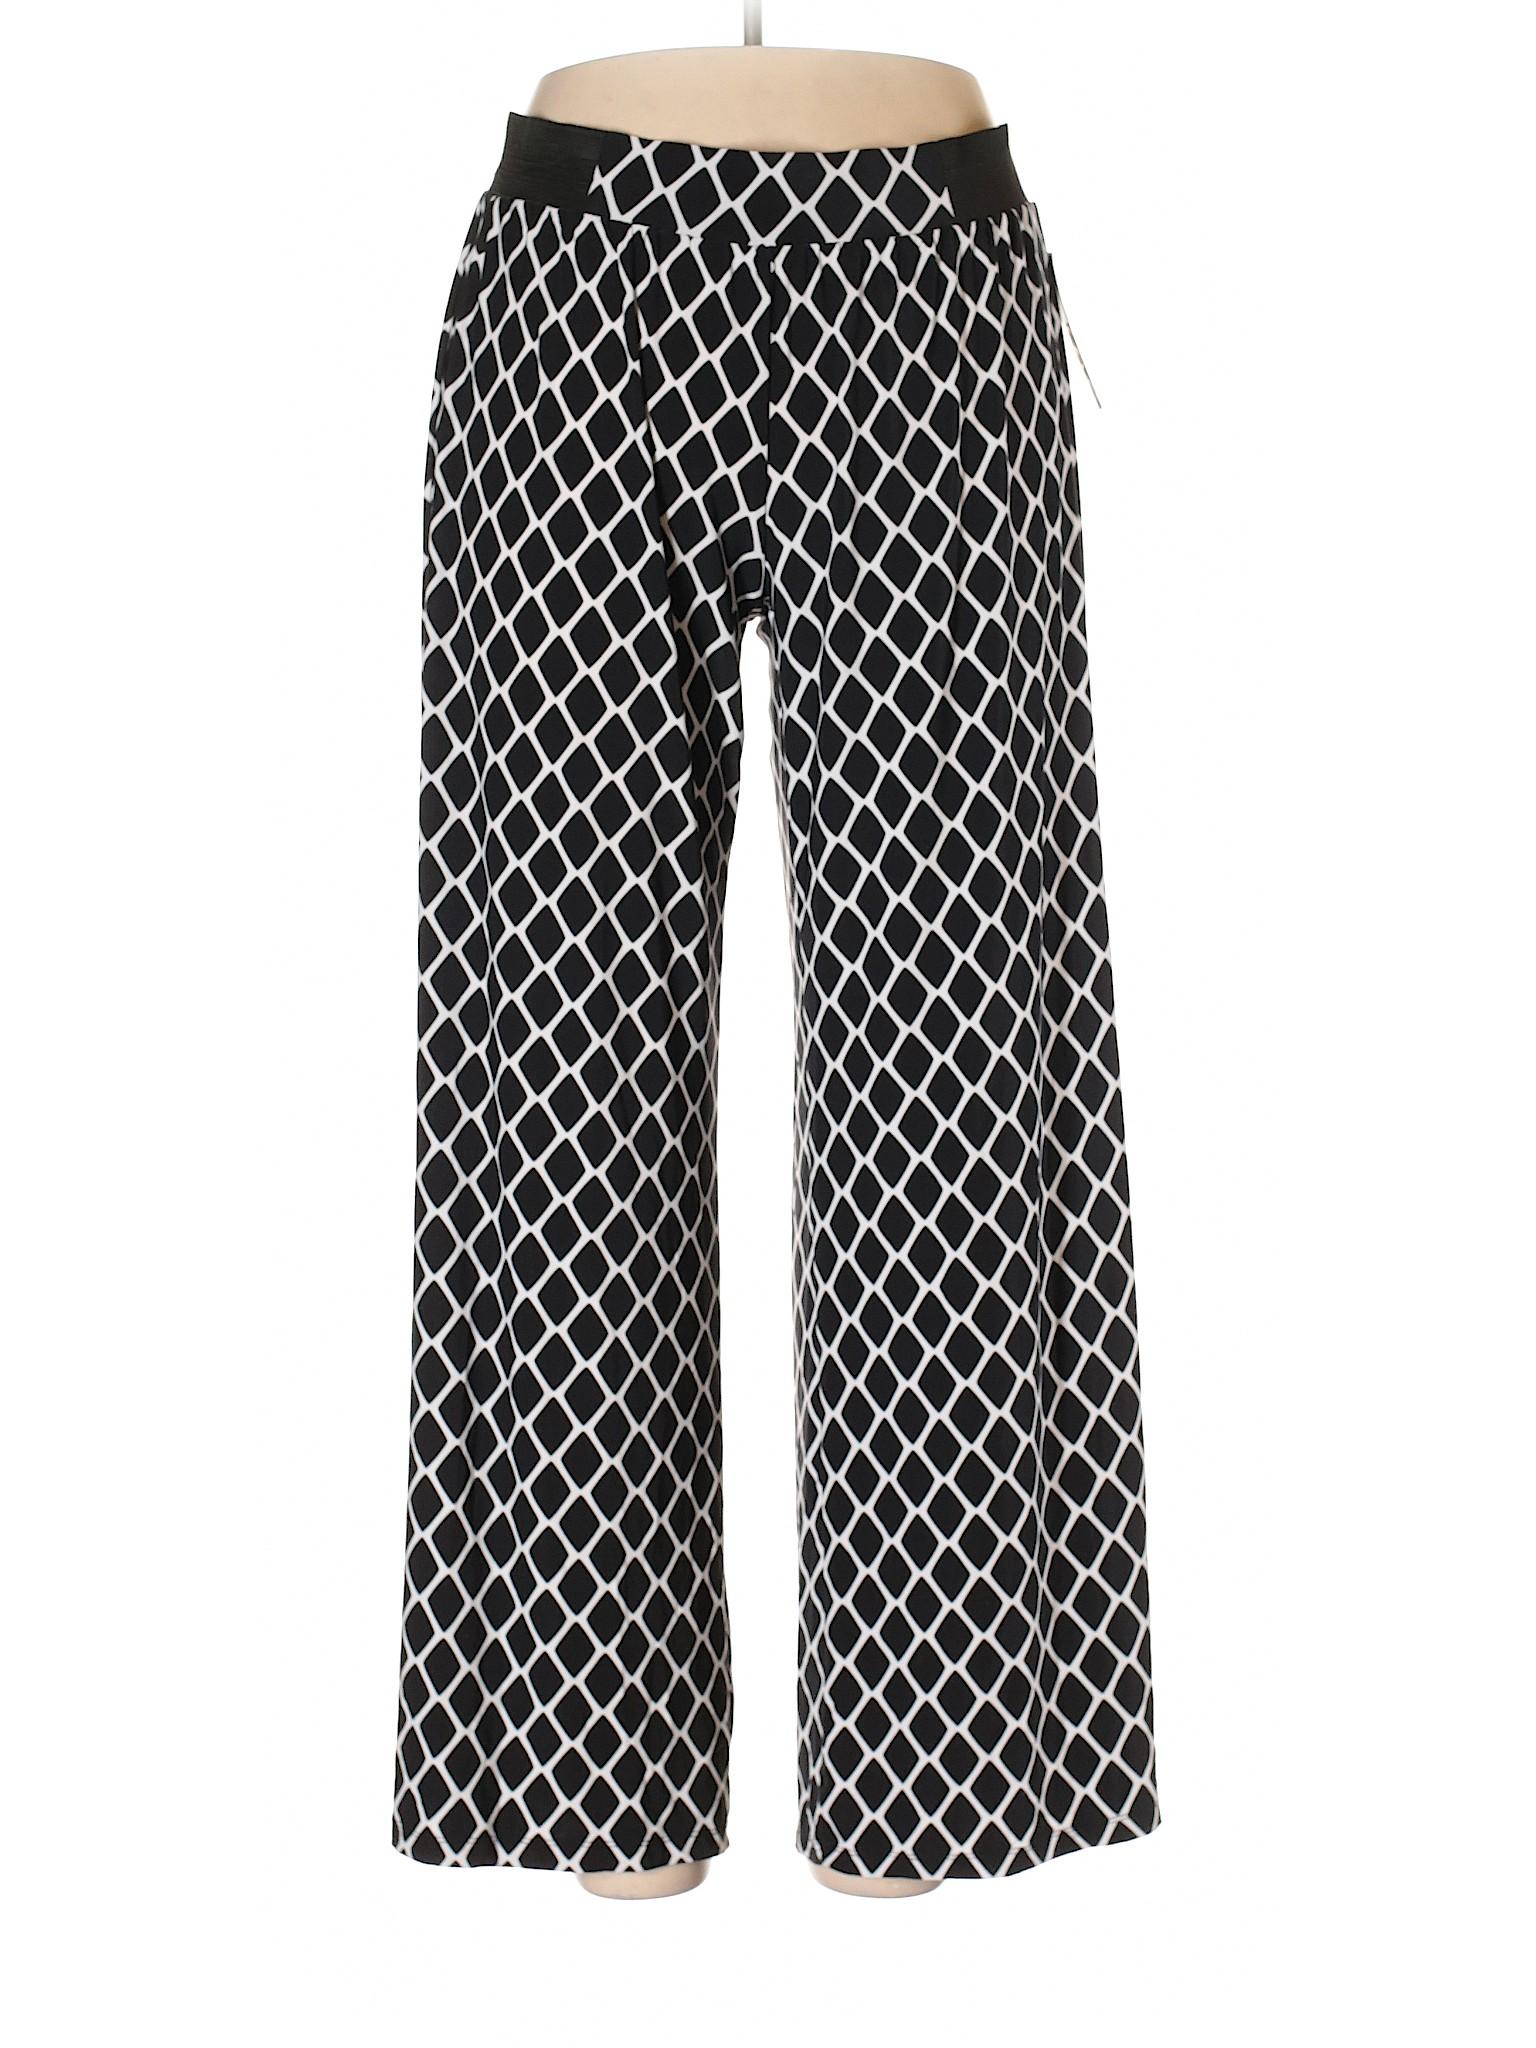 Concepts Casual Pants International INC leisure Boutique qxP4YSz